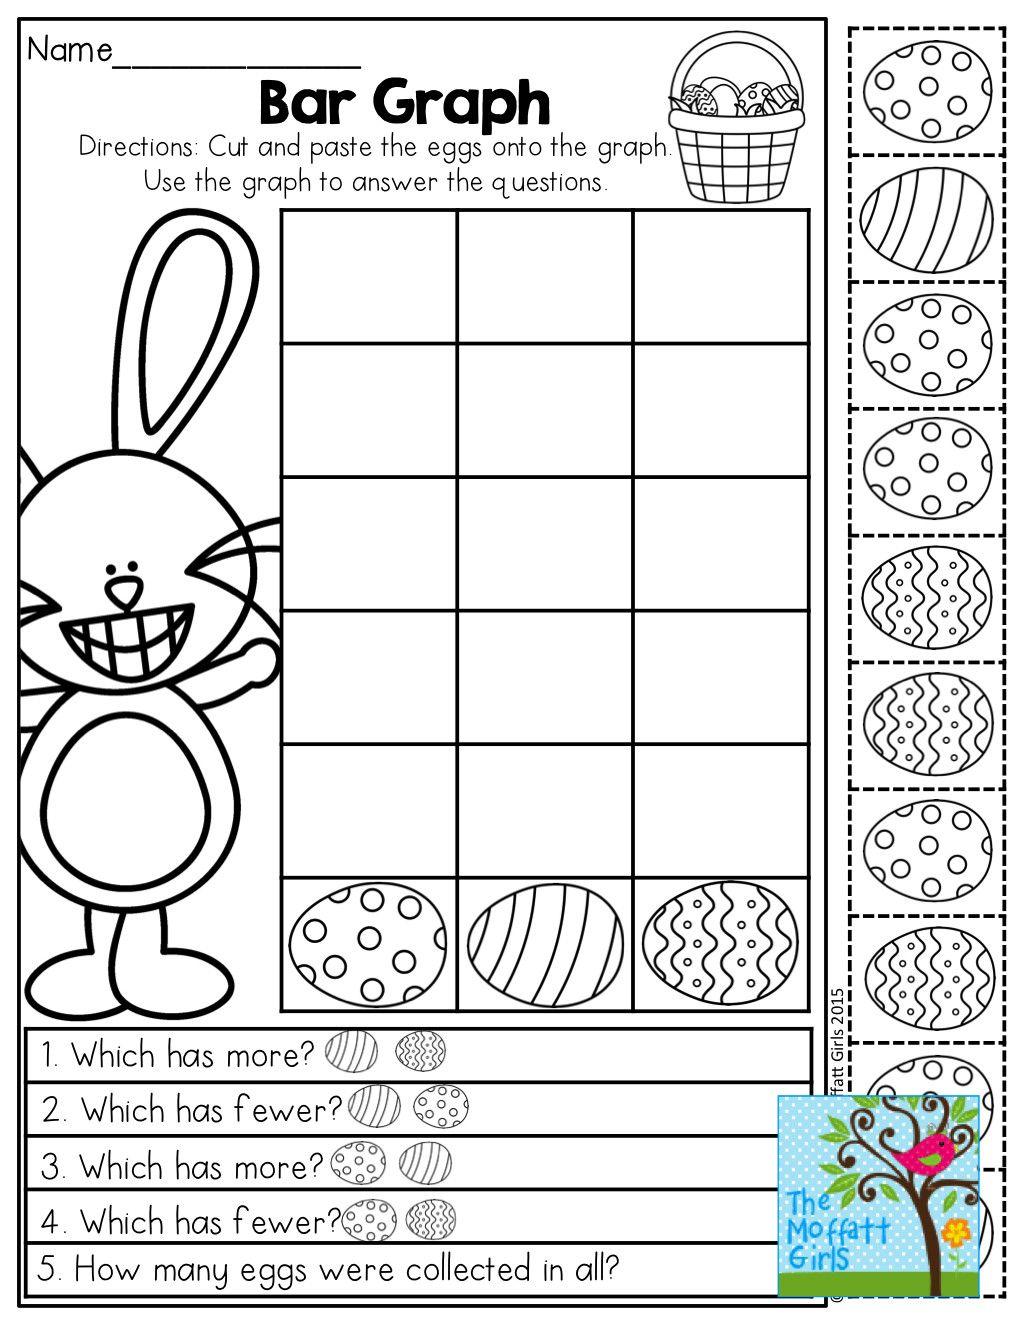 6 Fun Preschool Easter Worksheets In 2020 Easter Preschool Worksheets Easter Kindergarten Easter Math Worksheets